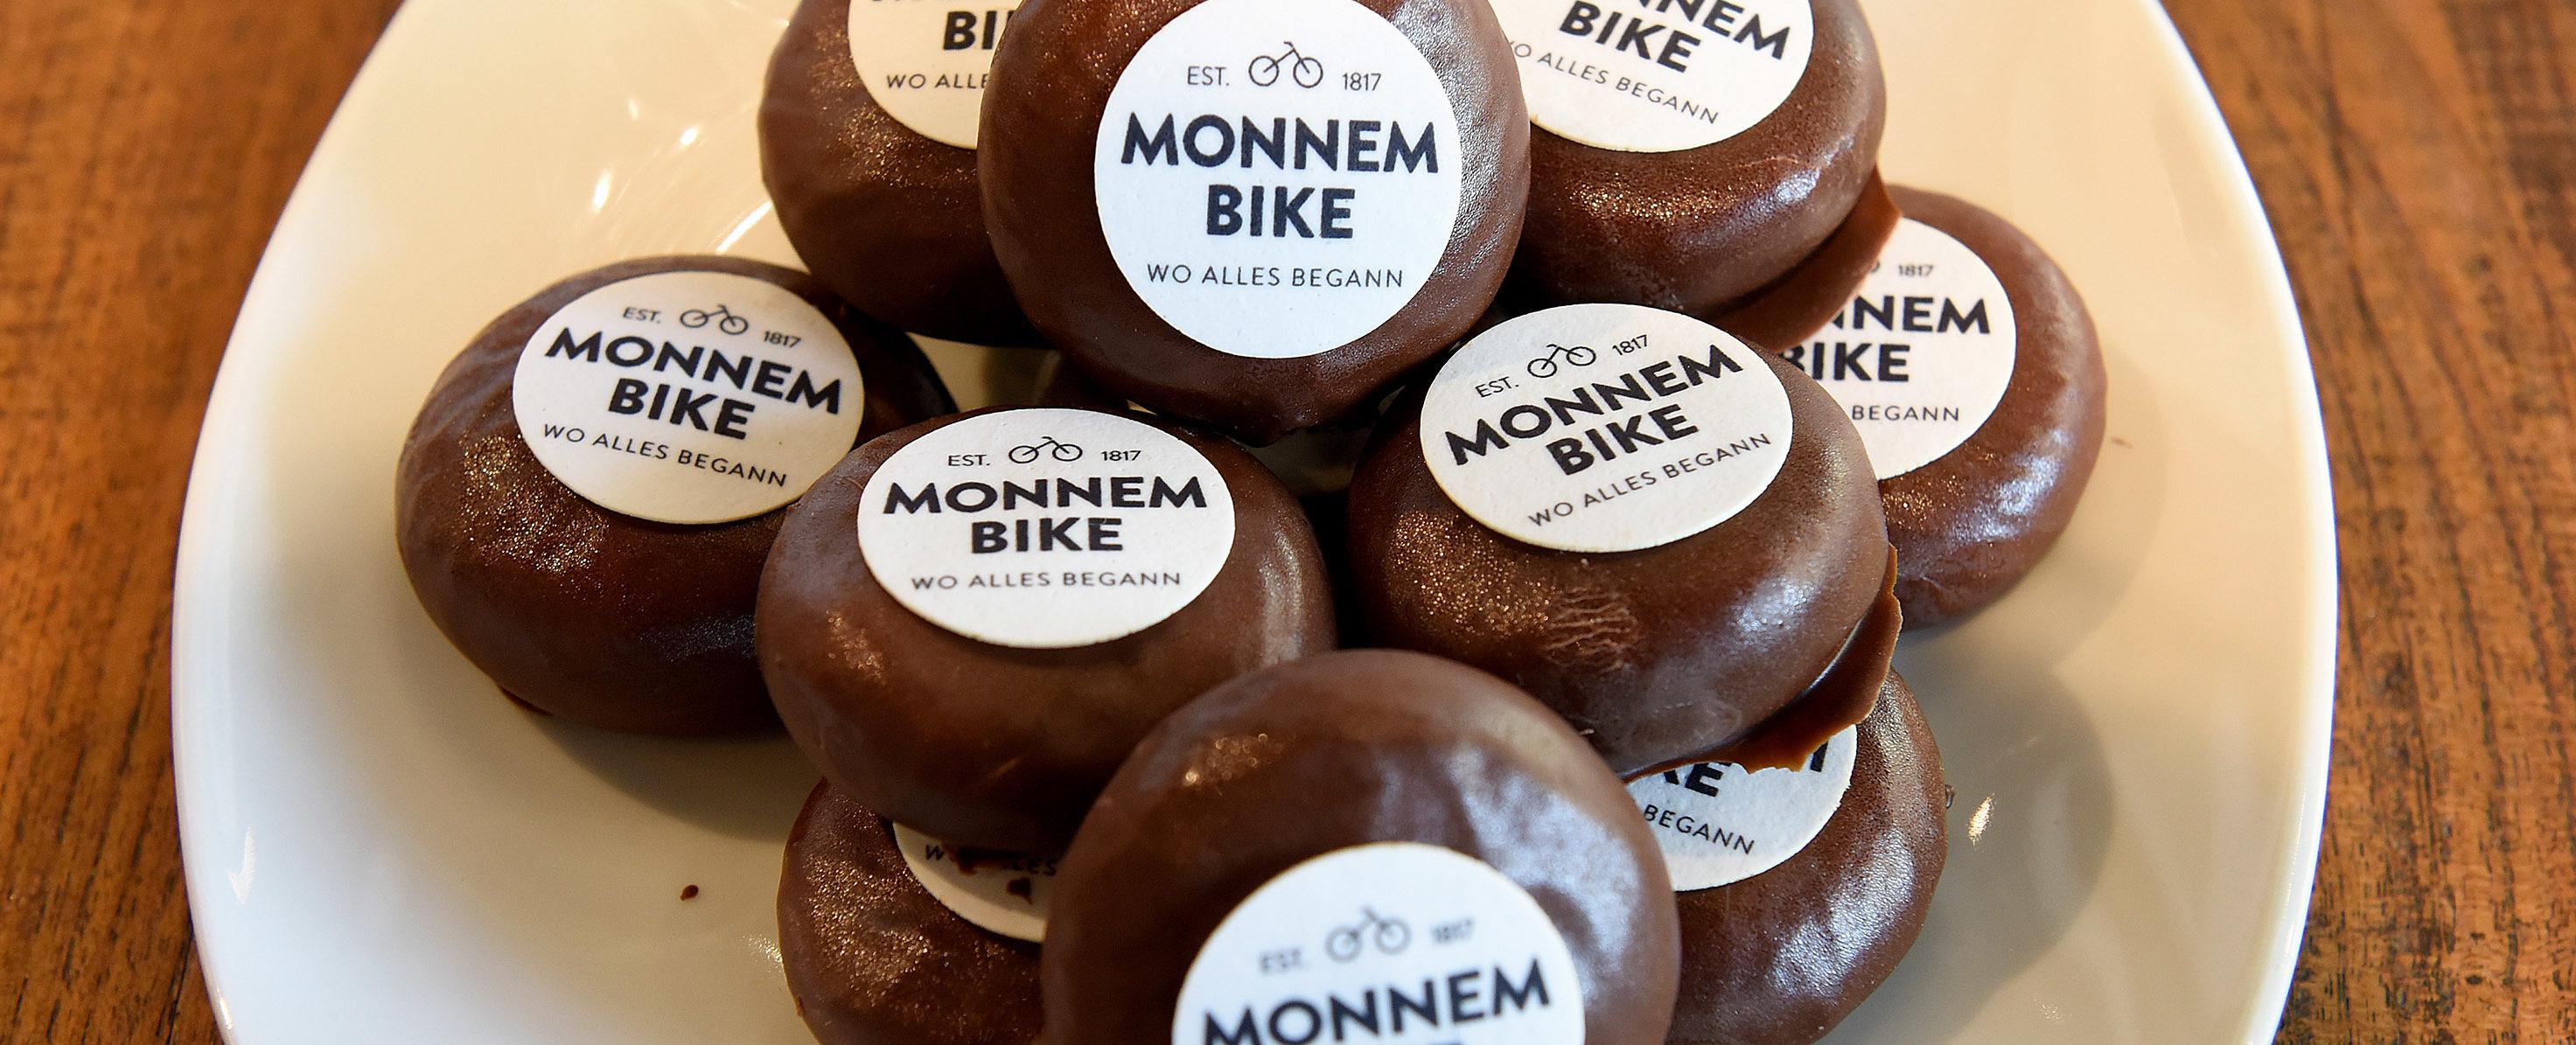 Monnem-Bike-Taler von der Baeckerei Grimminger Foto Thomas Troester